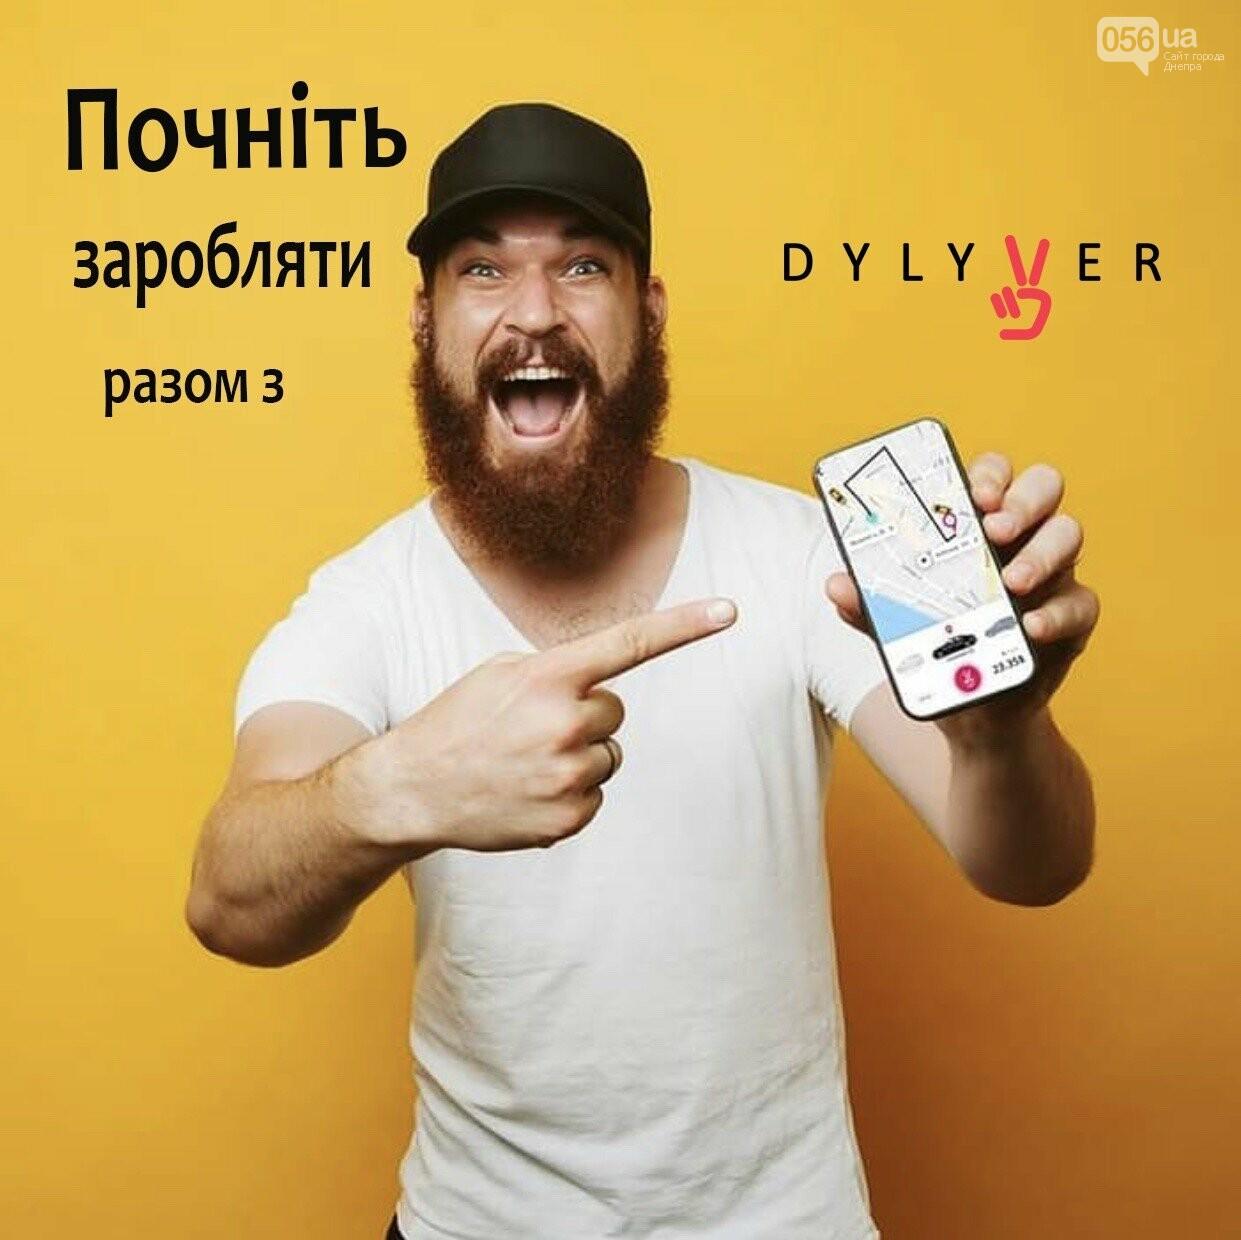 Служба такси Dylyver к праздникам дарит пользователям бесплатные поездки: как это работает, фото-1